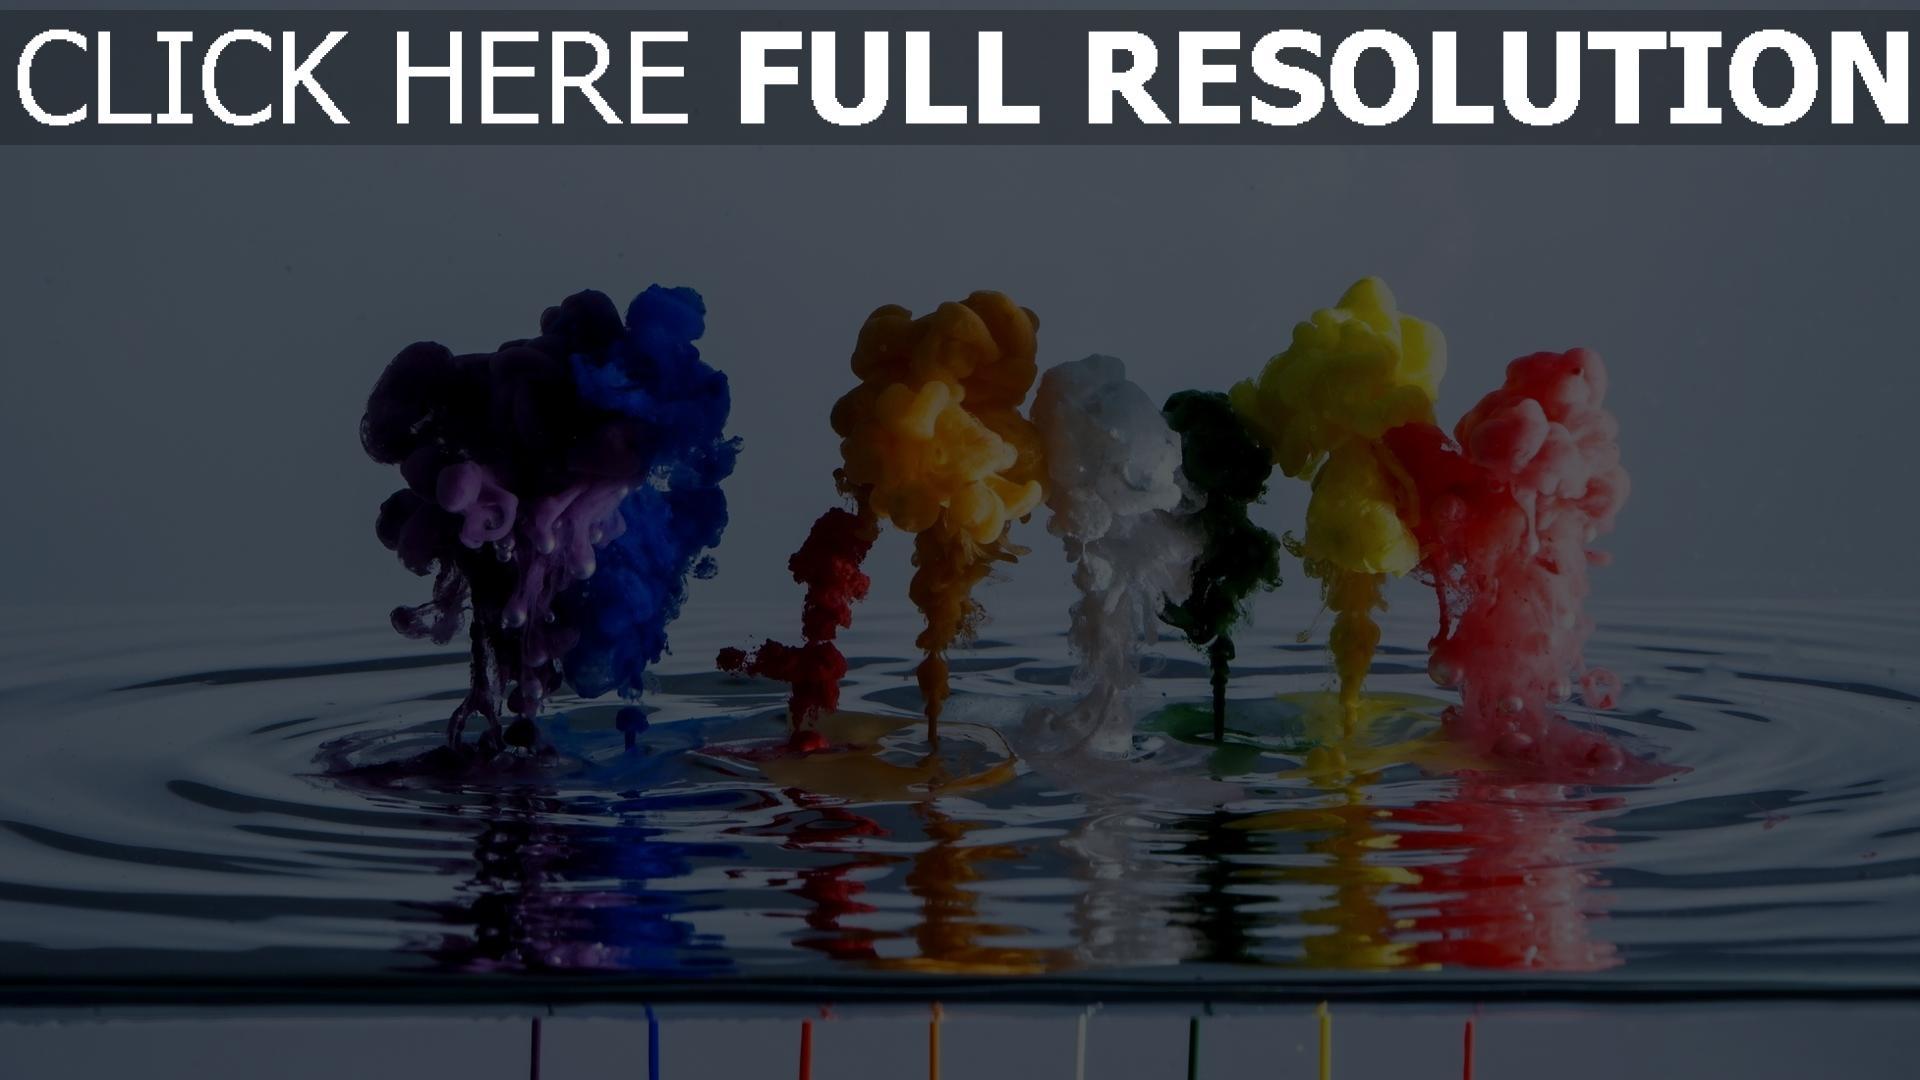 hd hintergrundbilder Wasser Rauch Flüssigkeit mehrfarbig 1920x1080